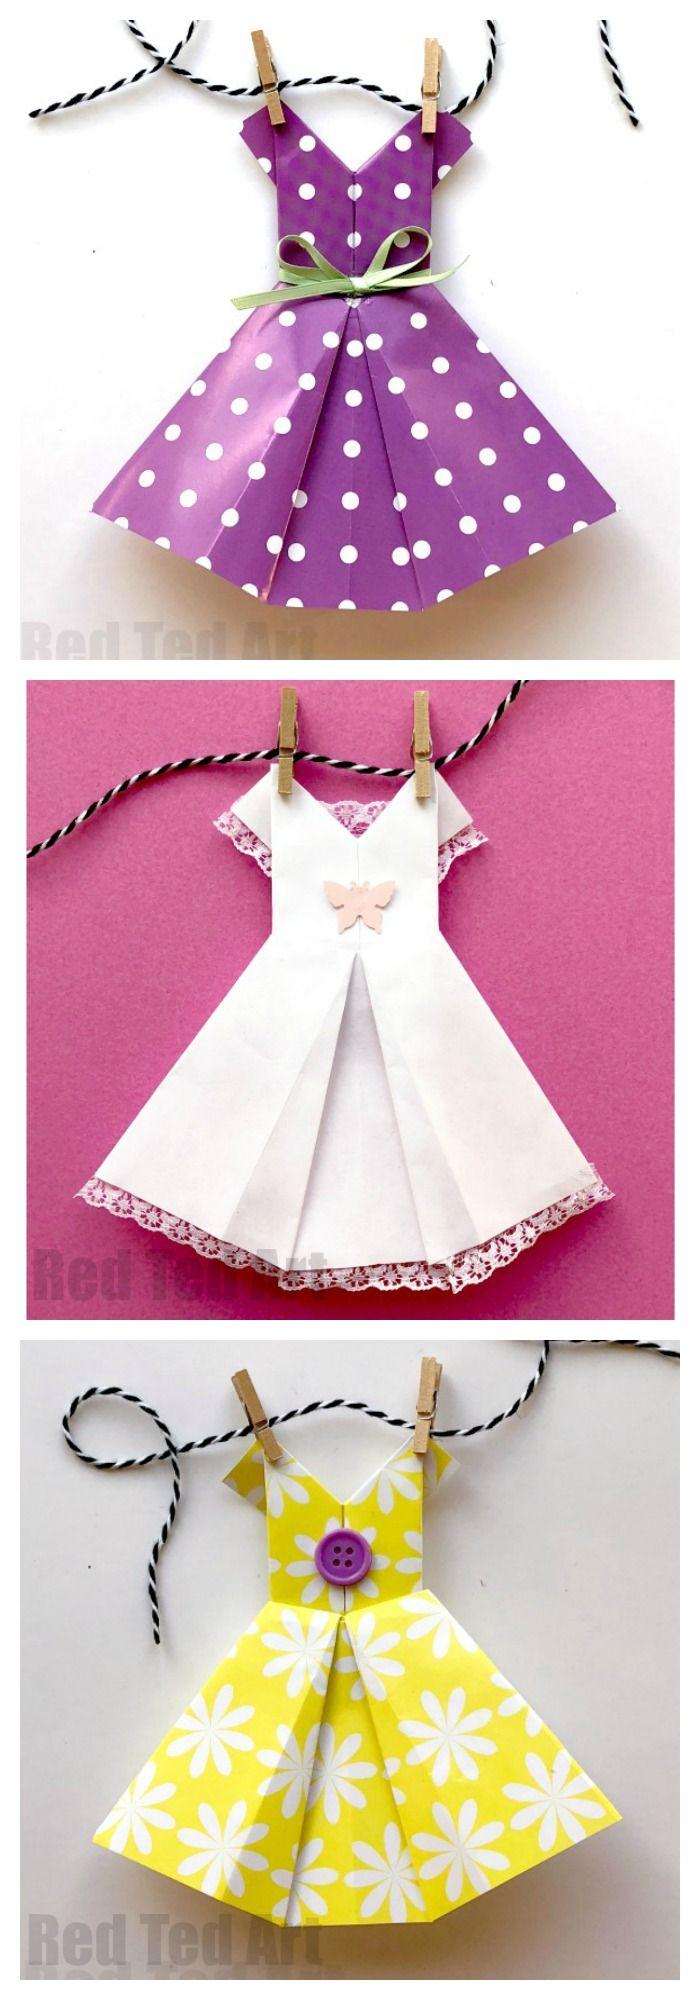 4647a9fec Cómo hacer un vestido de Origami instrucciones paso a paso. Vestido de  papel fácil Cómo para principiantes. Me encantan estos divertidos vestidos  Origami